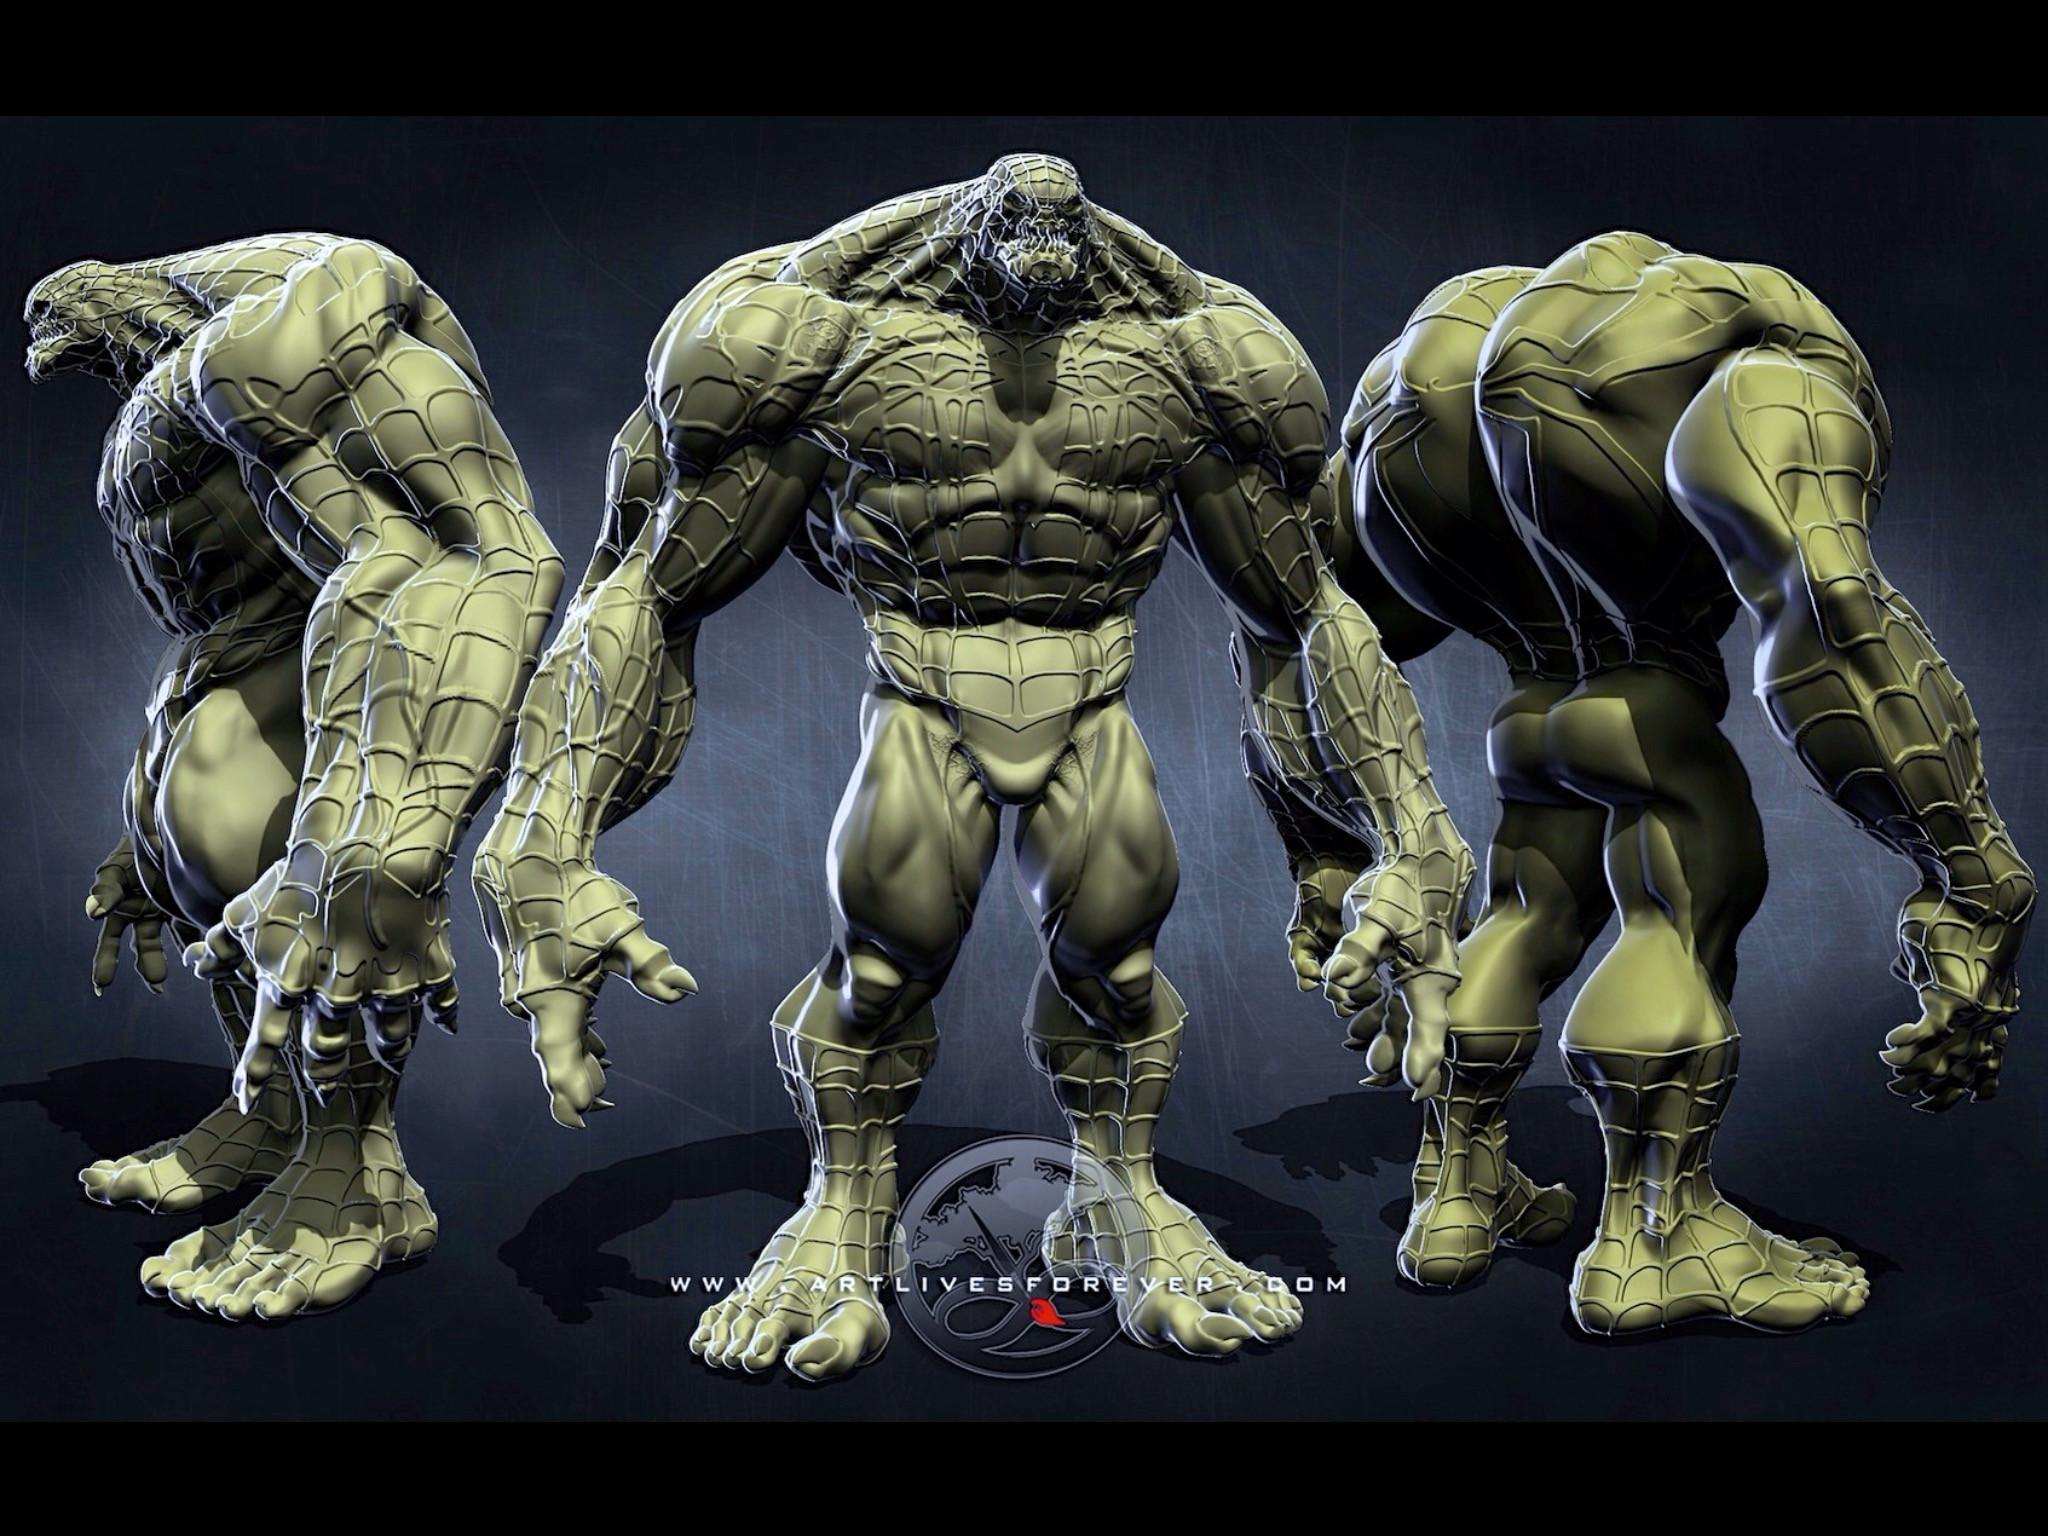 Venom's Orthos www.artlivesforever.com